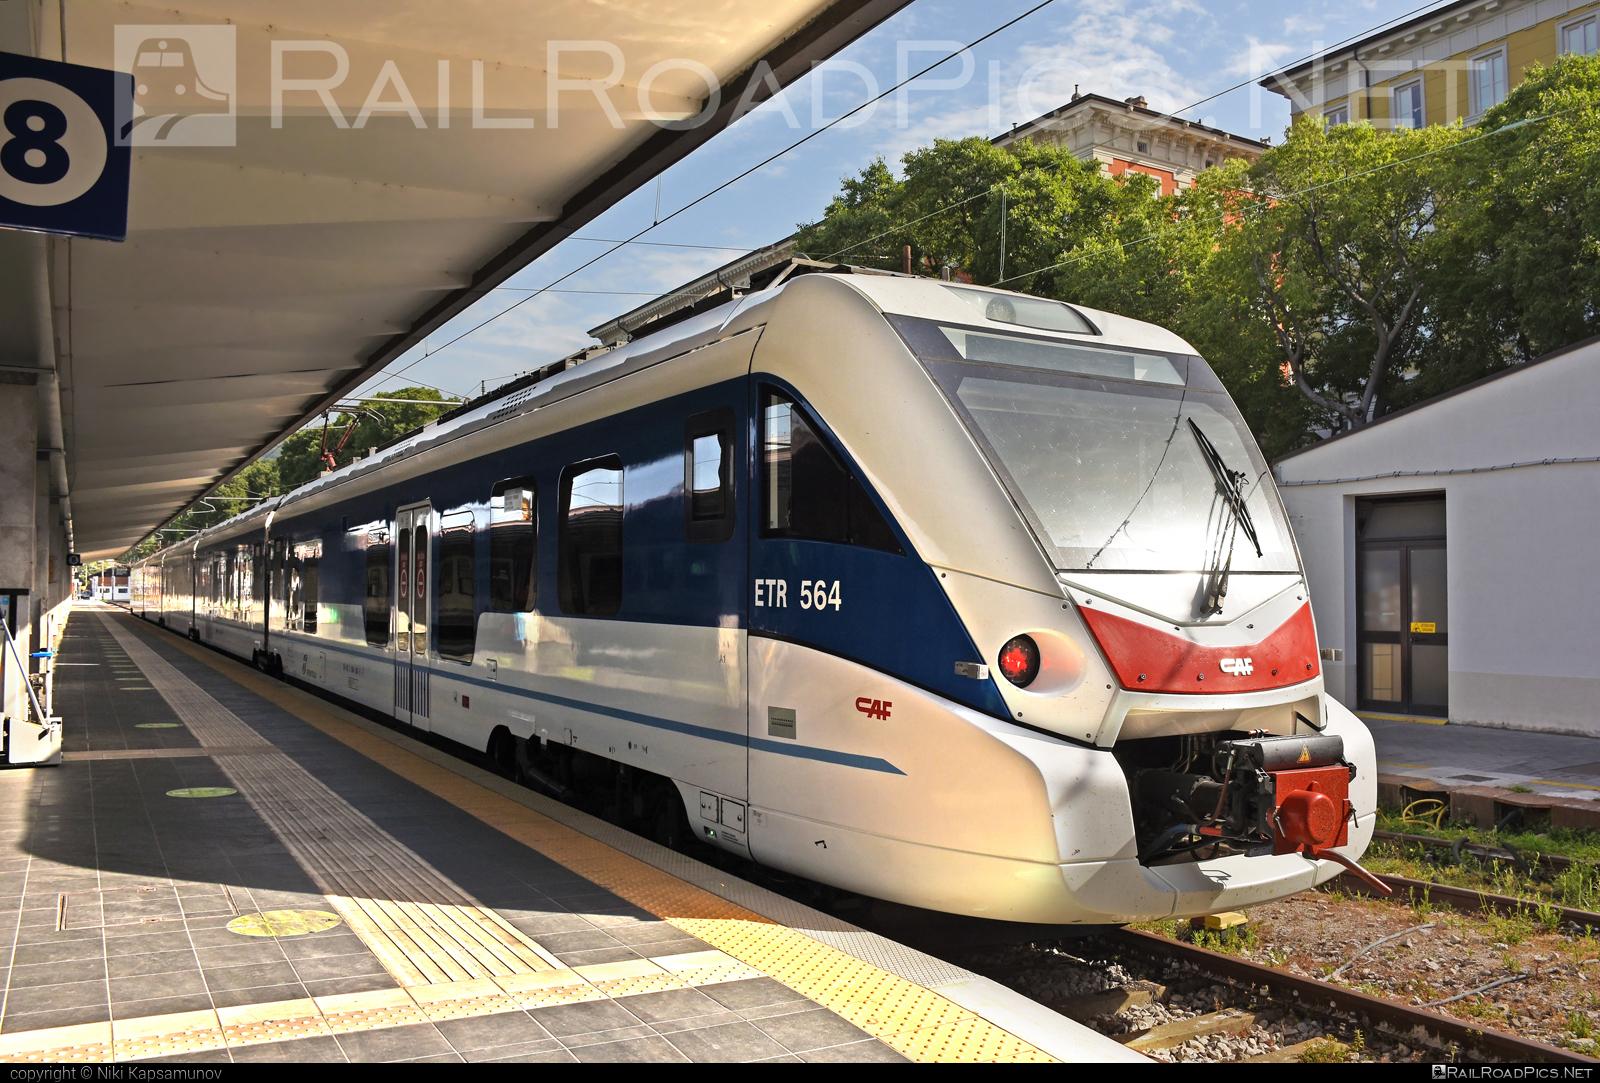 CAF Civity - 564 002-5 operated by Trenitalia S.p.A. #ConstruccionesYAuxiliarDeFerrocarriles #caf #cafcivity #civity #ferroviedellostato #fs #fsitaliane #trenitalia #trenitaliaspa